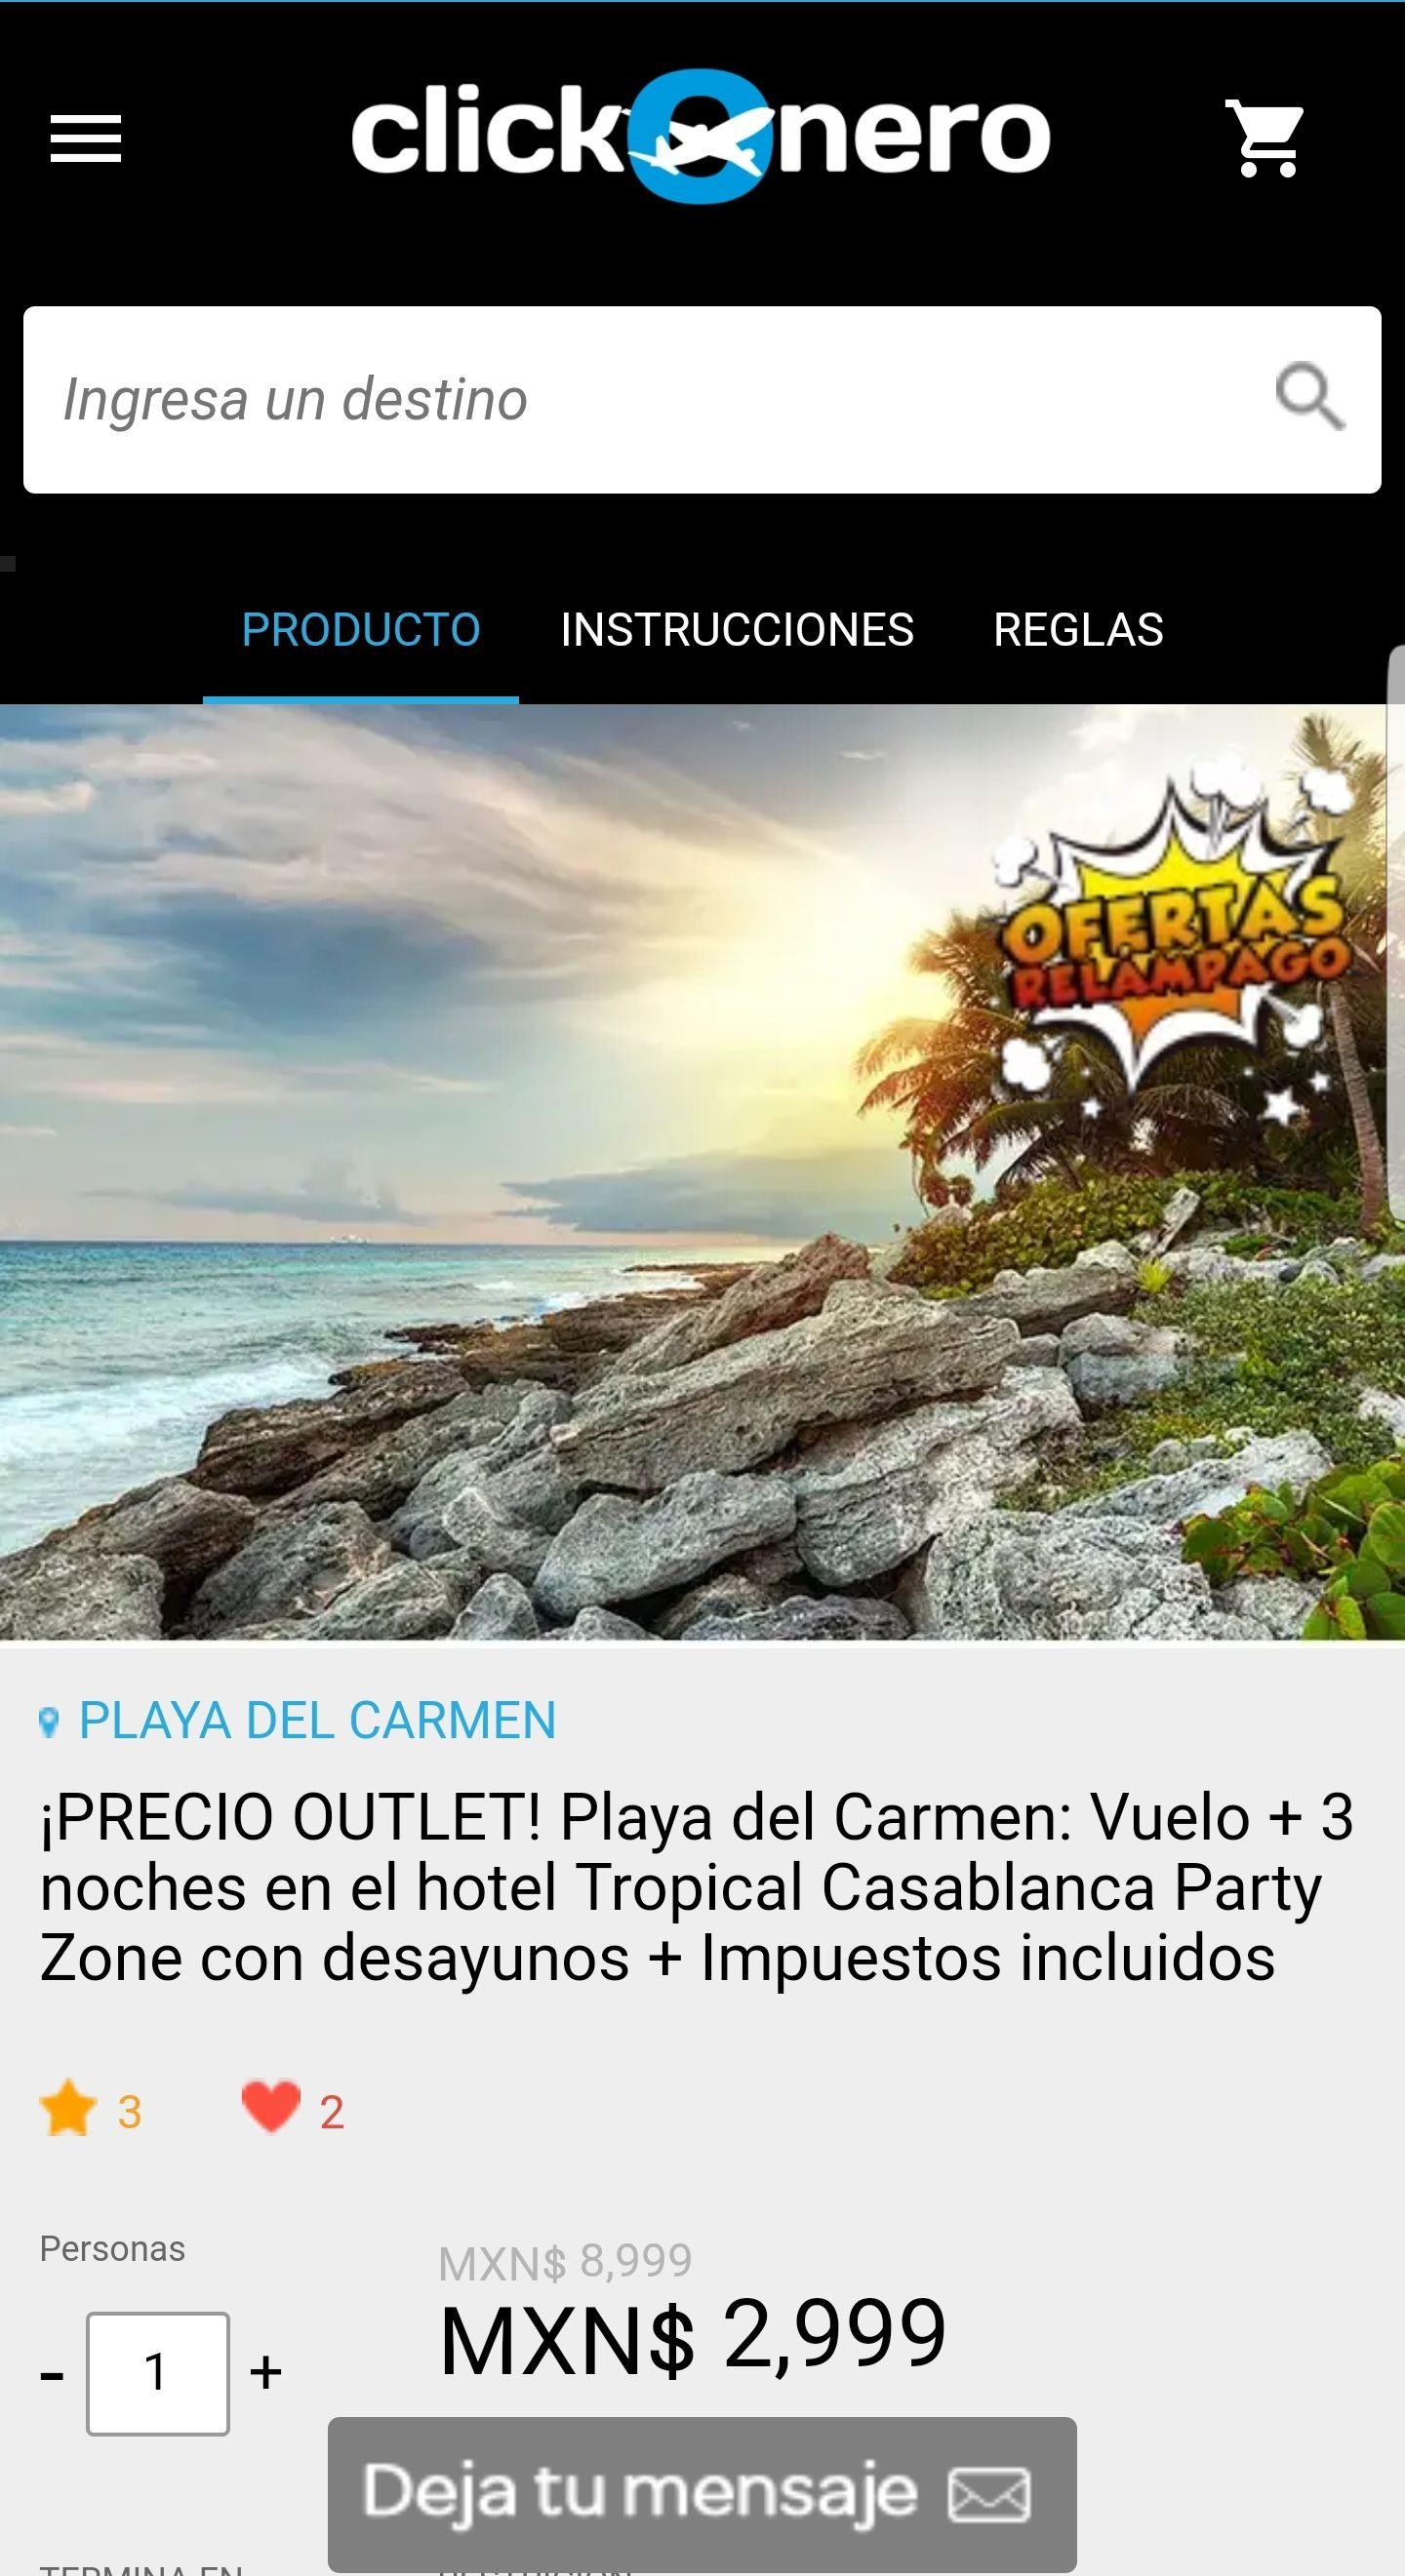 Clickonero: Playa del Carmen: Vuelo + 3 noches en el hotel Tropical Casablanca Party Zone con desayunos + Impuestos incluidos, única salida 29 agosto